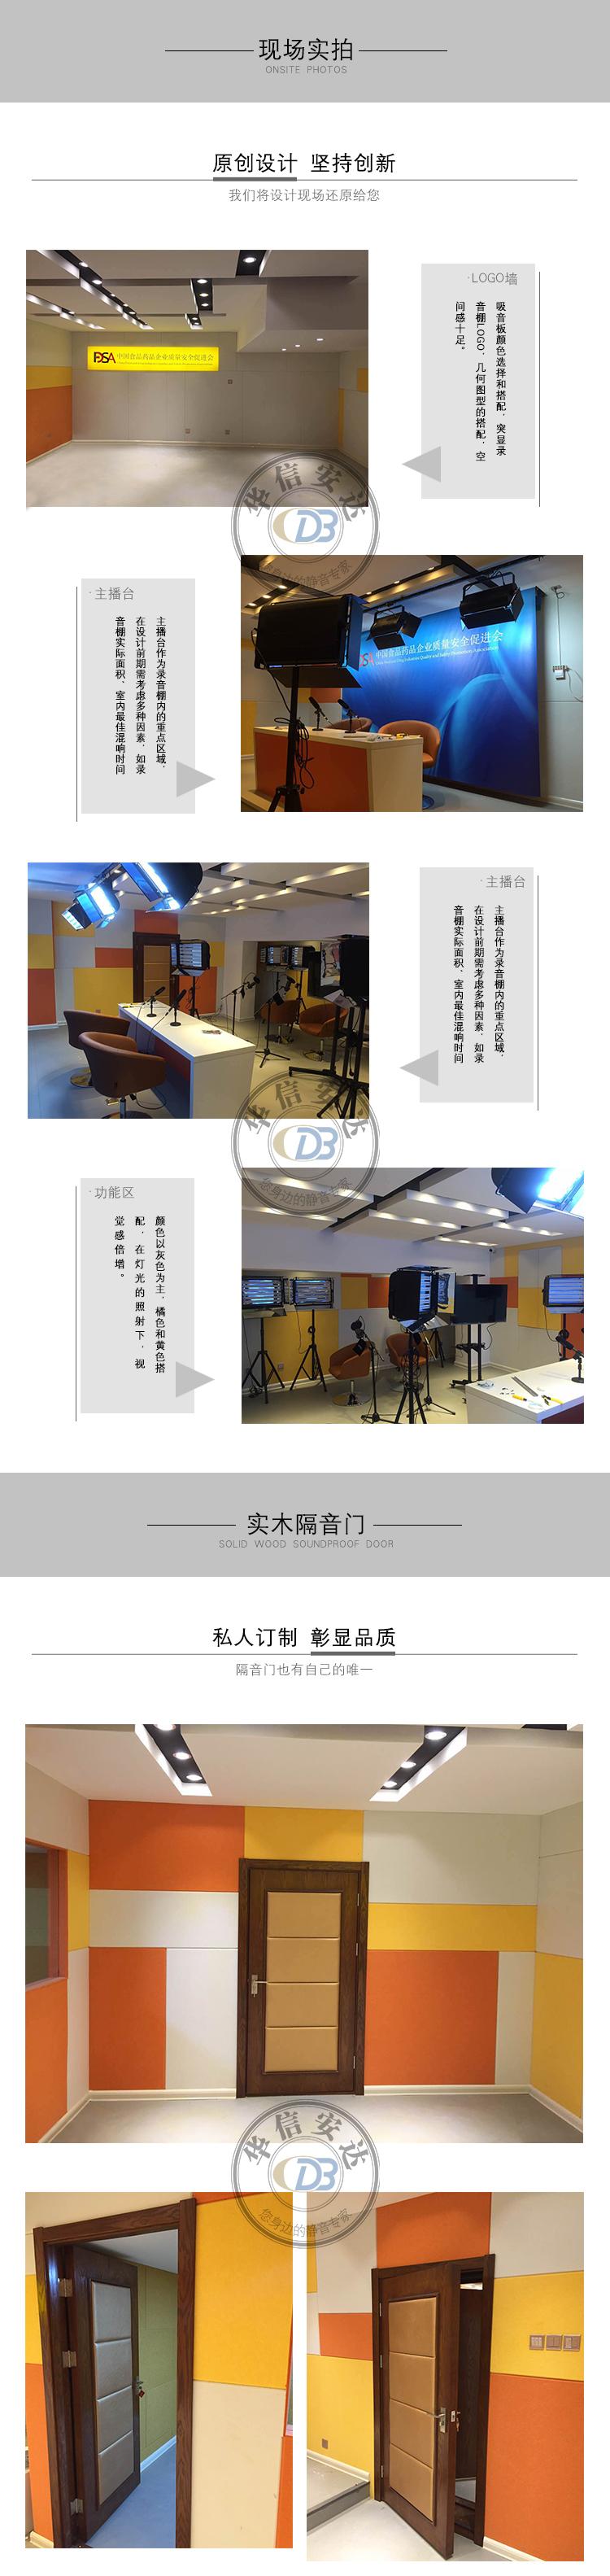 录音棚案例-中国食品药品企业质量安全促进会_02